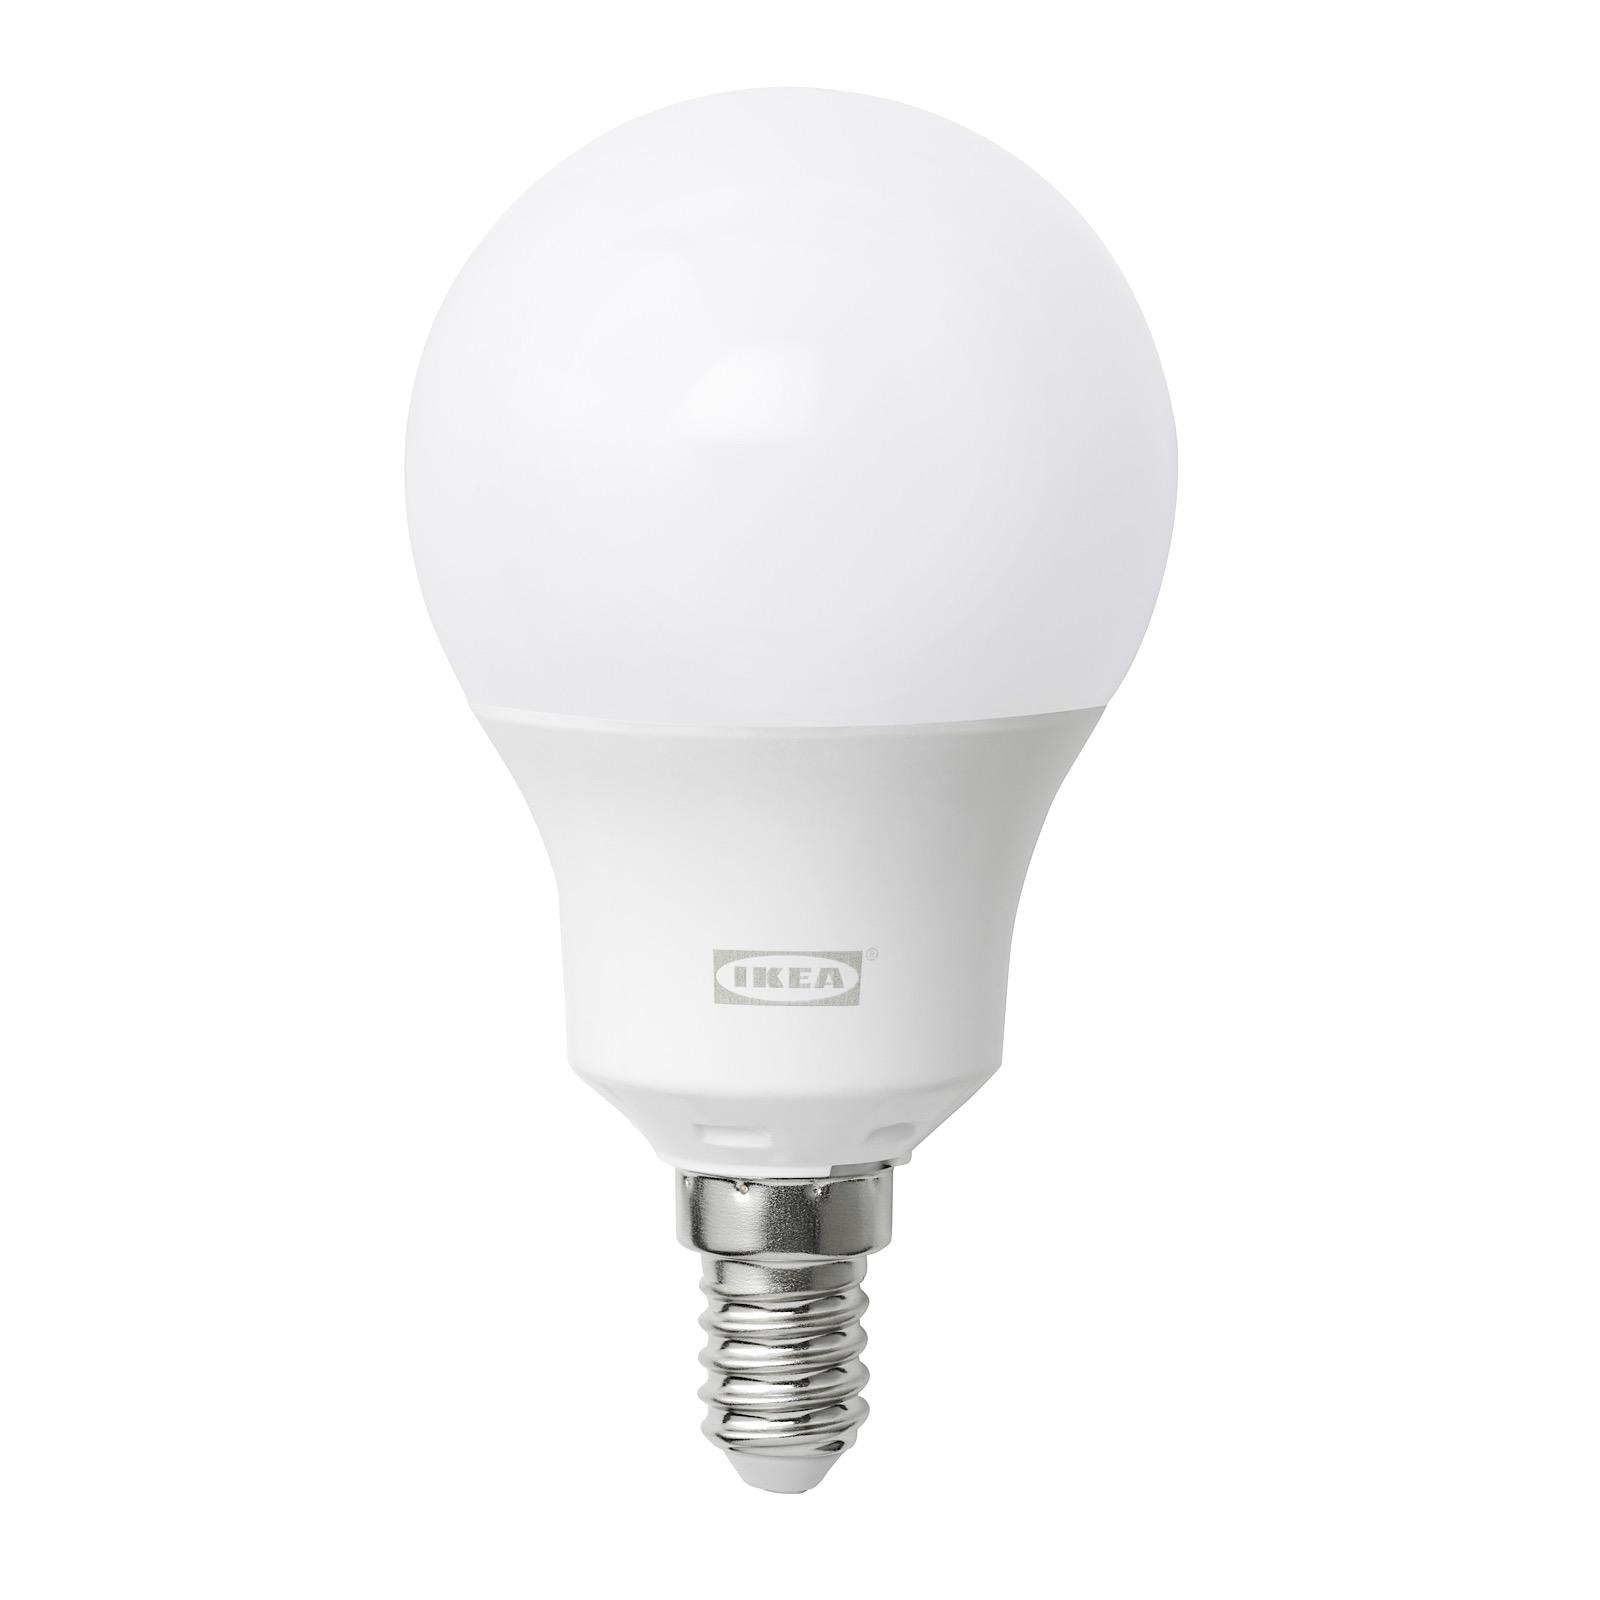 Ikea S Smart Lighting Revolution Begins Slowly Pickr